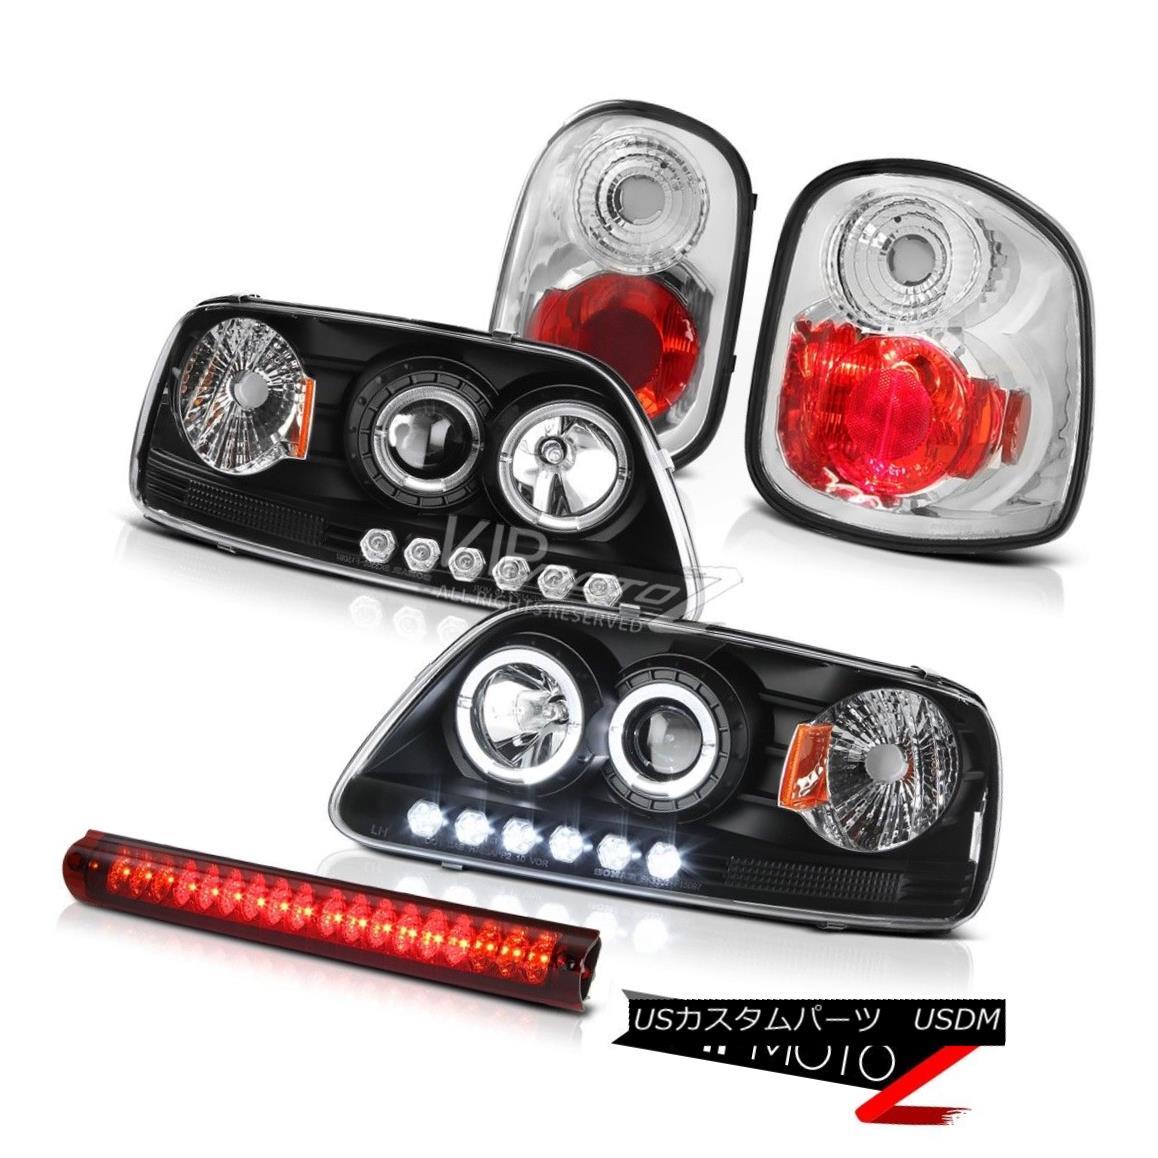 ヘッドライト Angel Eye Headlights Rear Brake Tail Lights Cargo LED 97-00 Ford F150 Flareside エンジェルアイヘッドライトリアブレーキテールライトカーゴLED 97-00 Ford F150 Flareside